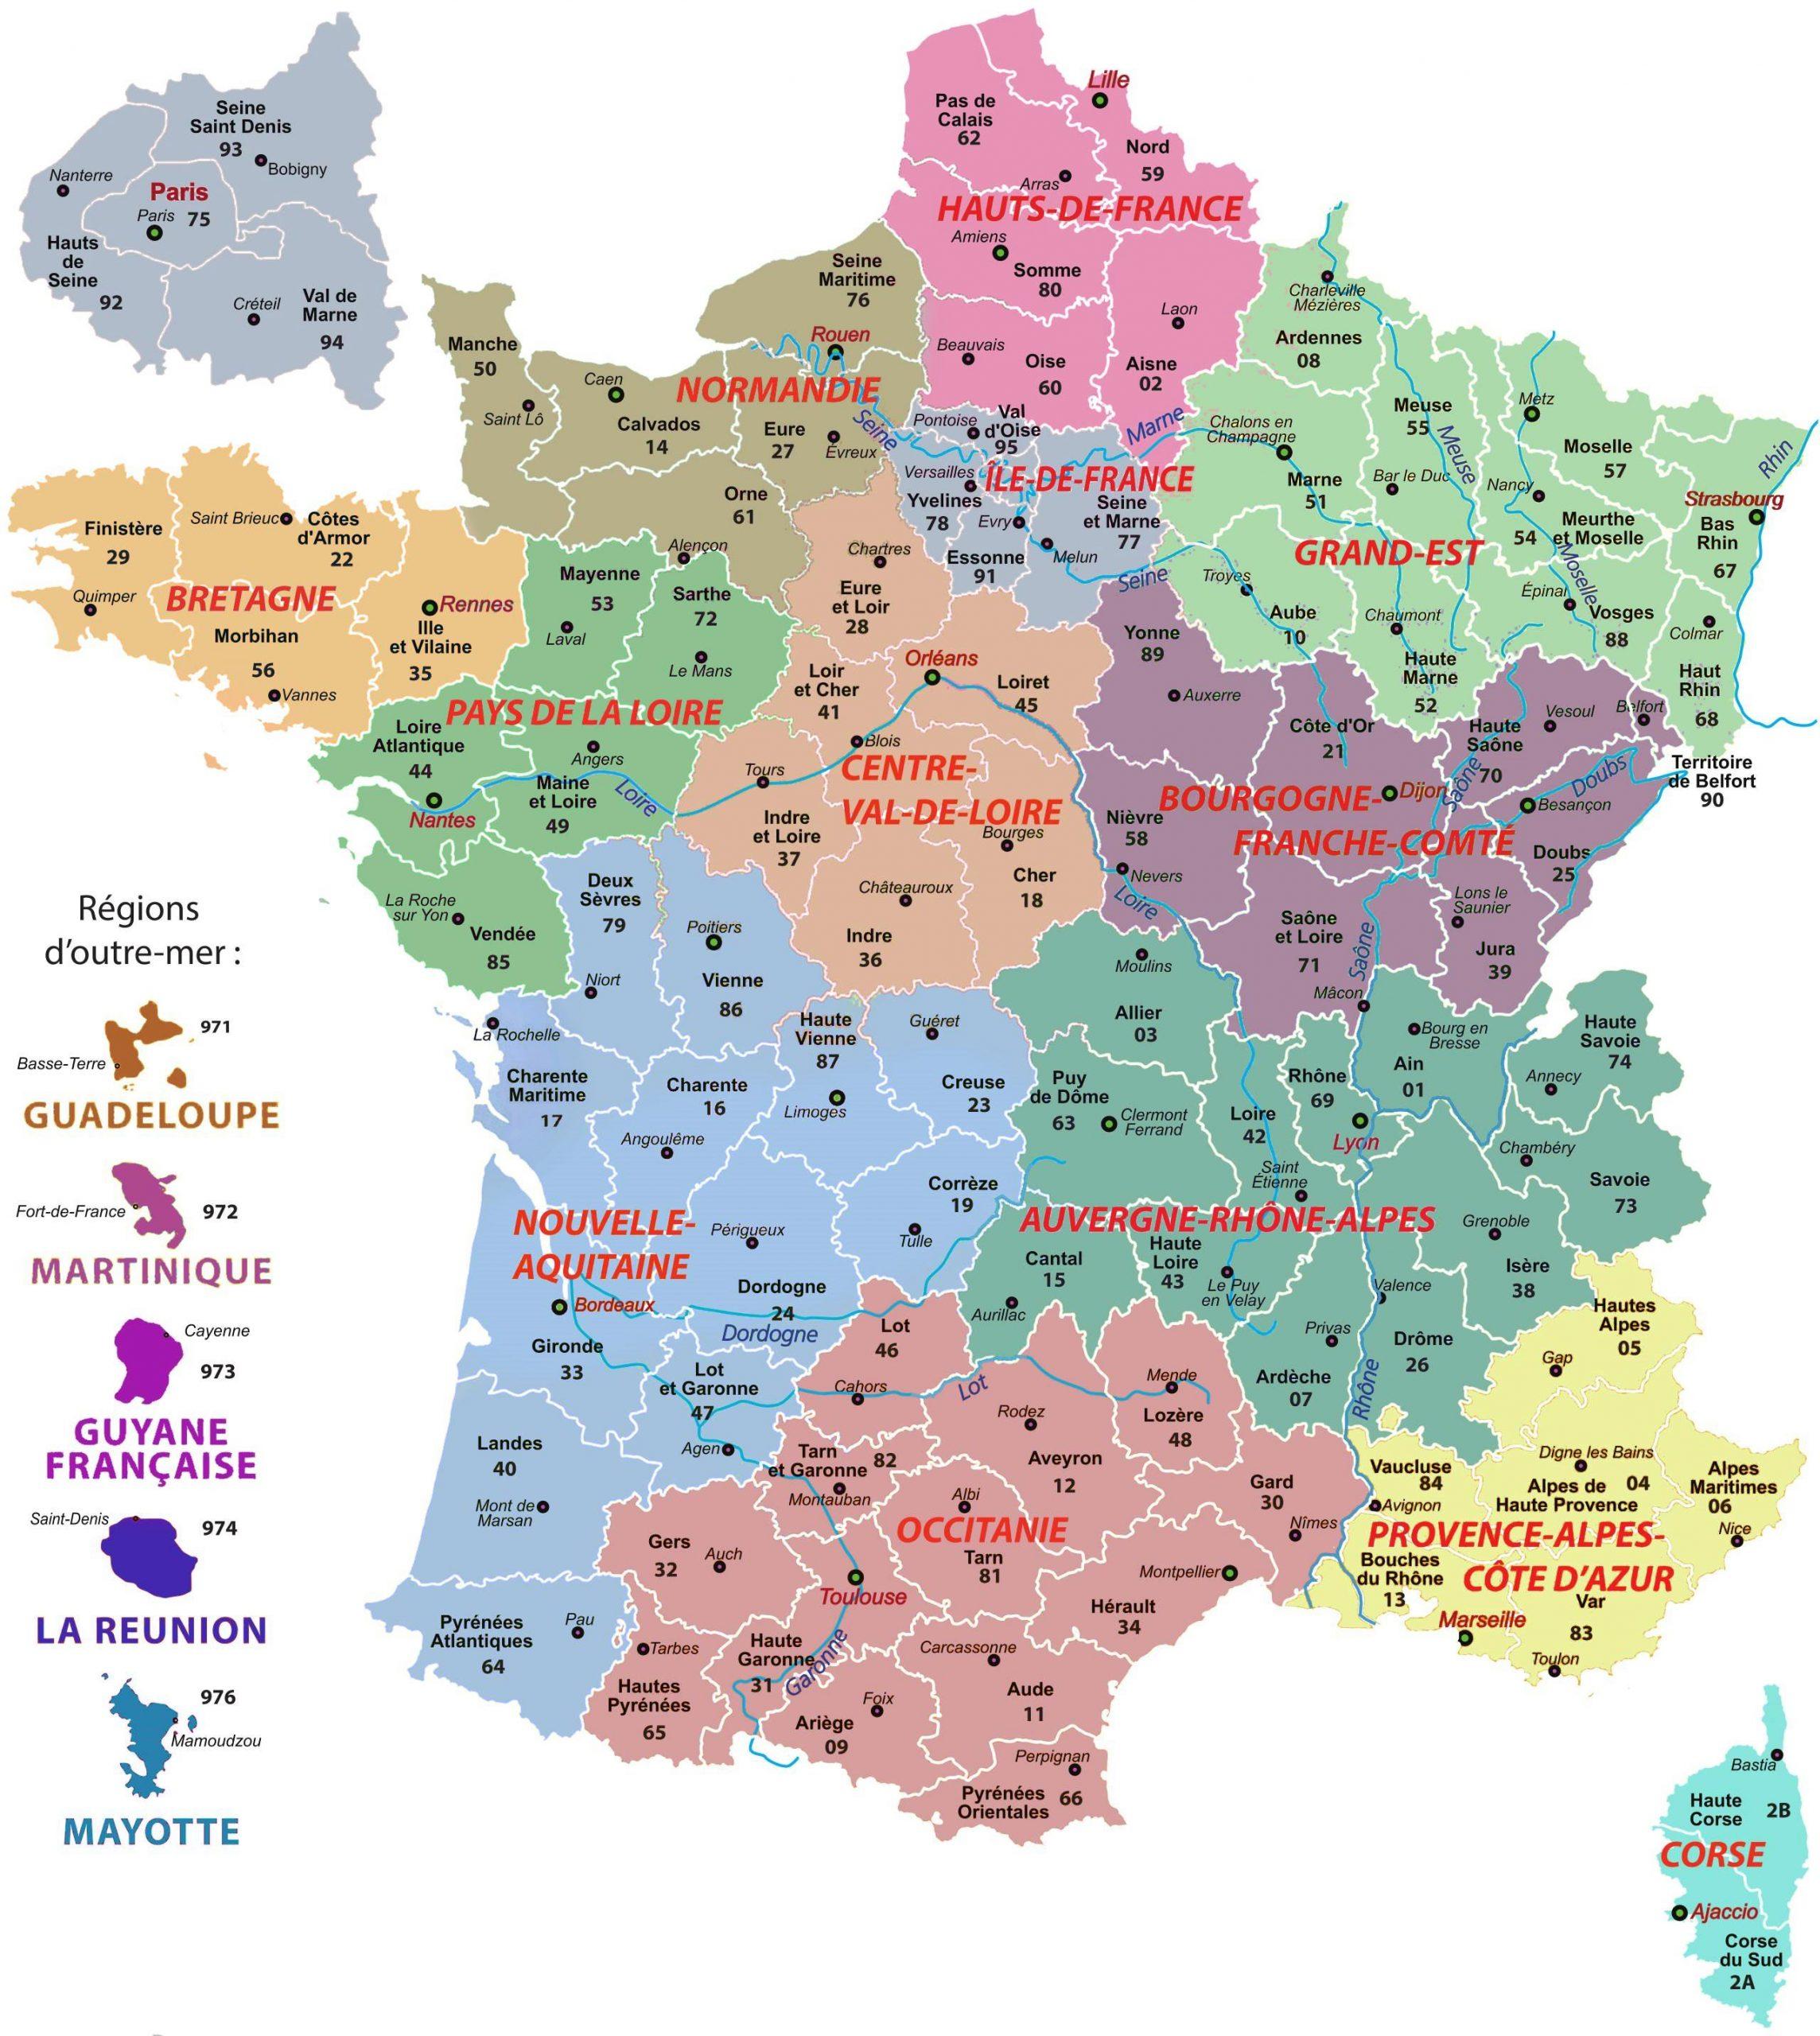 La Carte De France Avec Ses Régions - Arts Et Voyages avec Carte De France Avec Departement A Imprimer